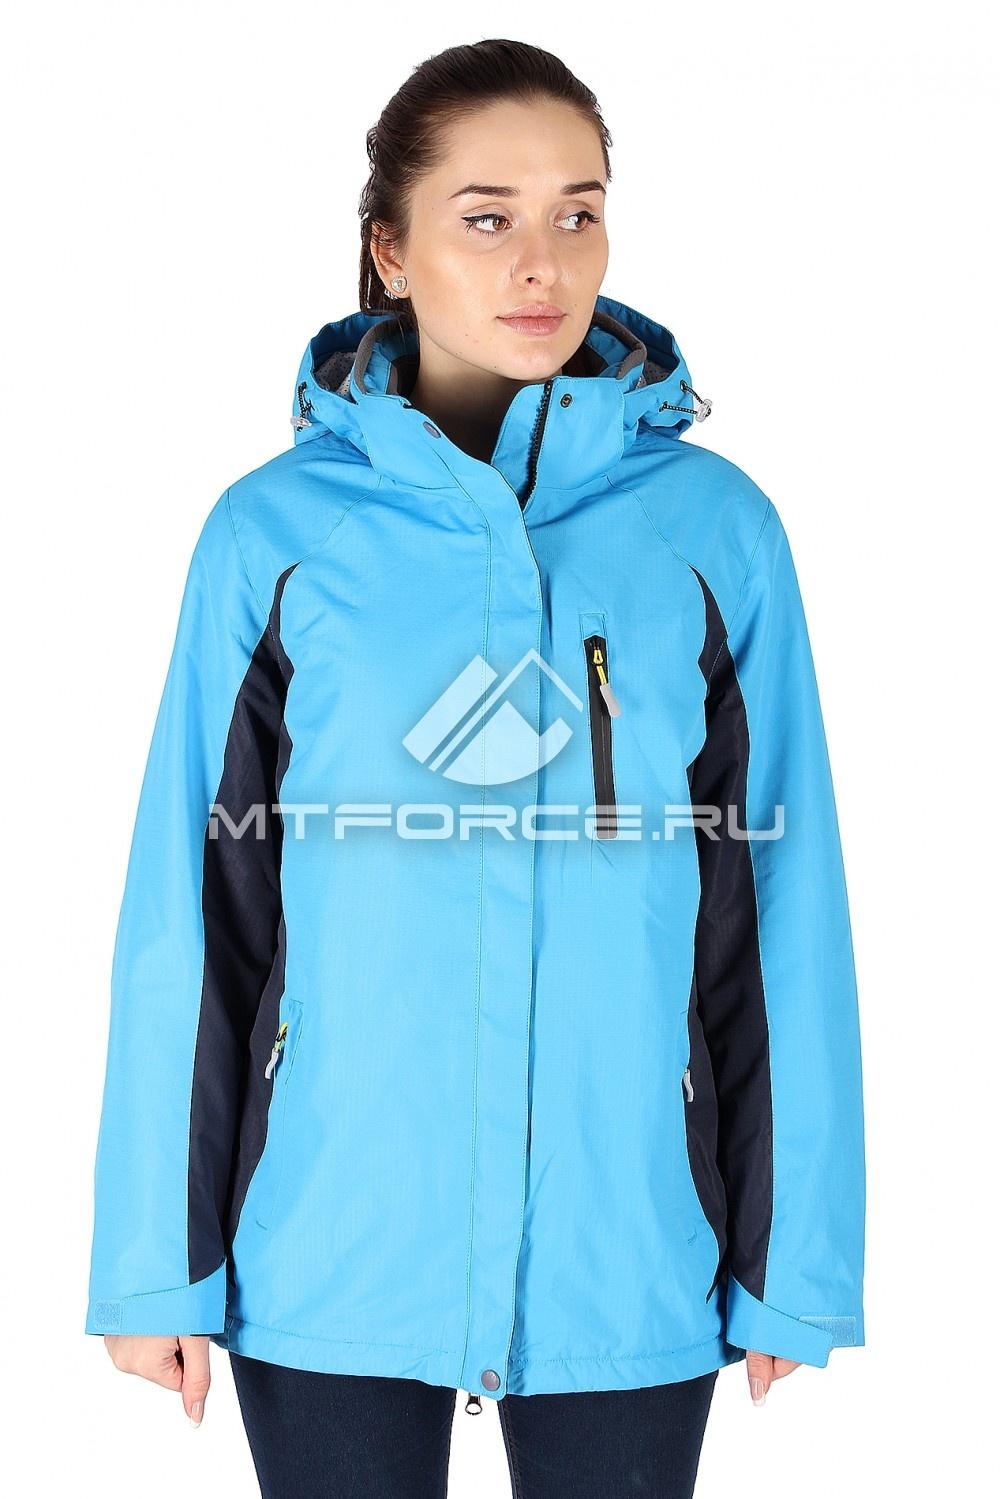 Купить оптом Куртка спортивная женская батал синего цвета 097S